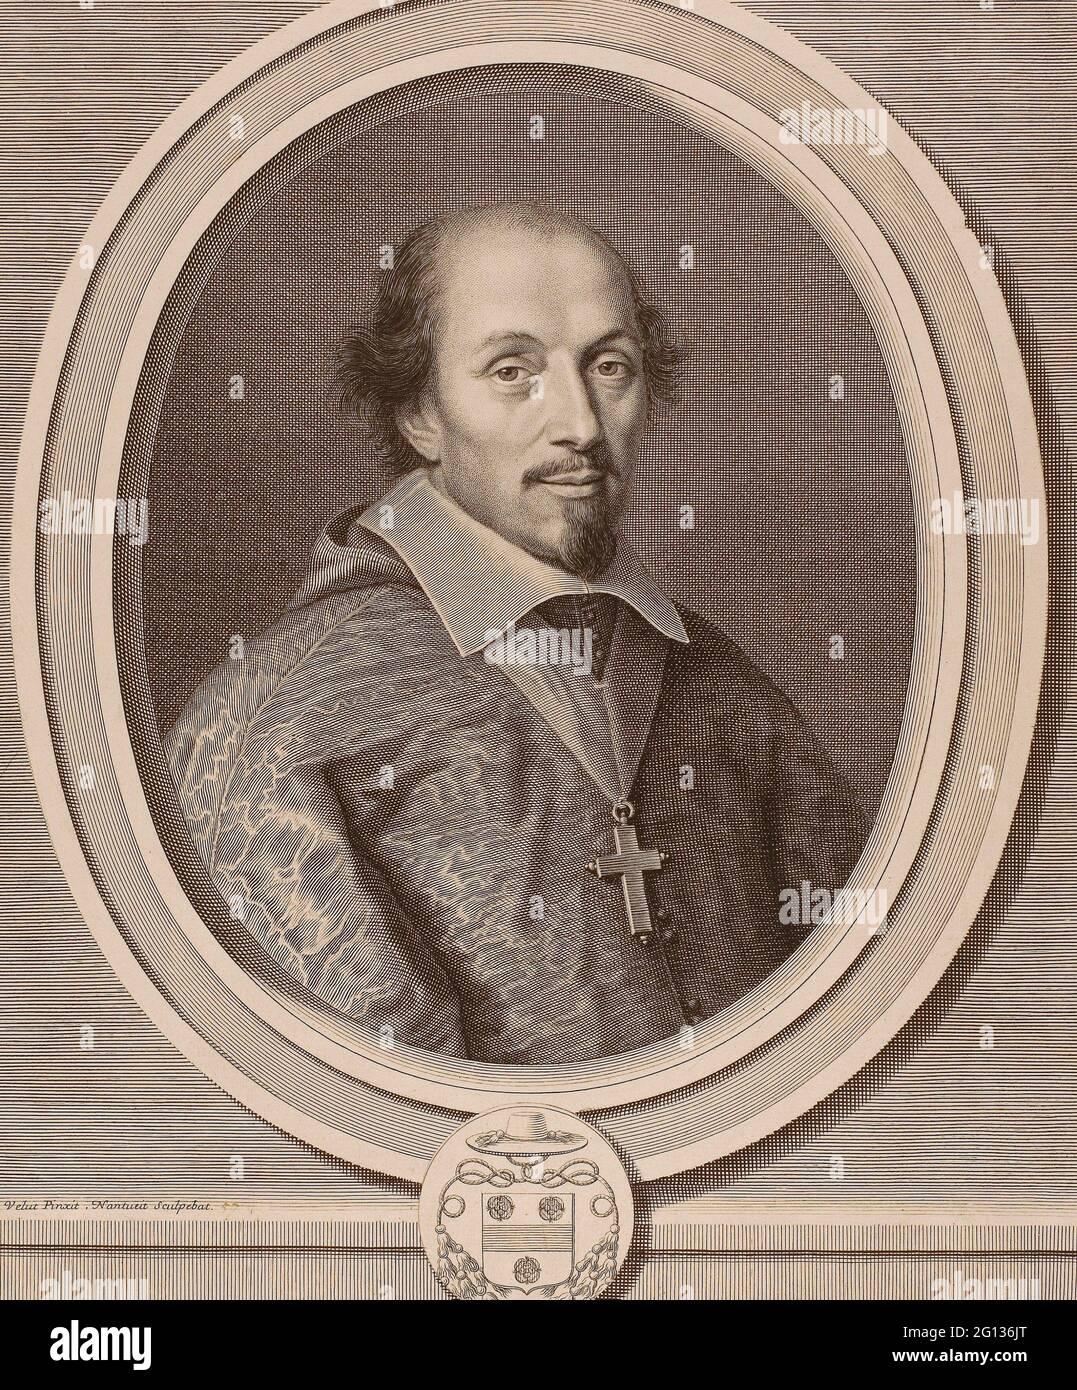 Auteur: Robert Nanteuil. Franois Mallier du Houssay - 1657 - Robert Nanteuil Français, 1623-1678. Gravure sur papier. France. Banque D'Images